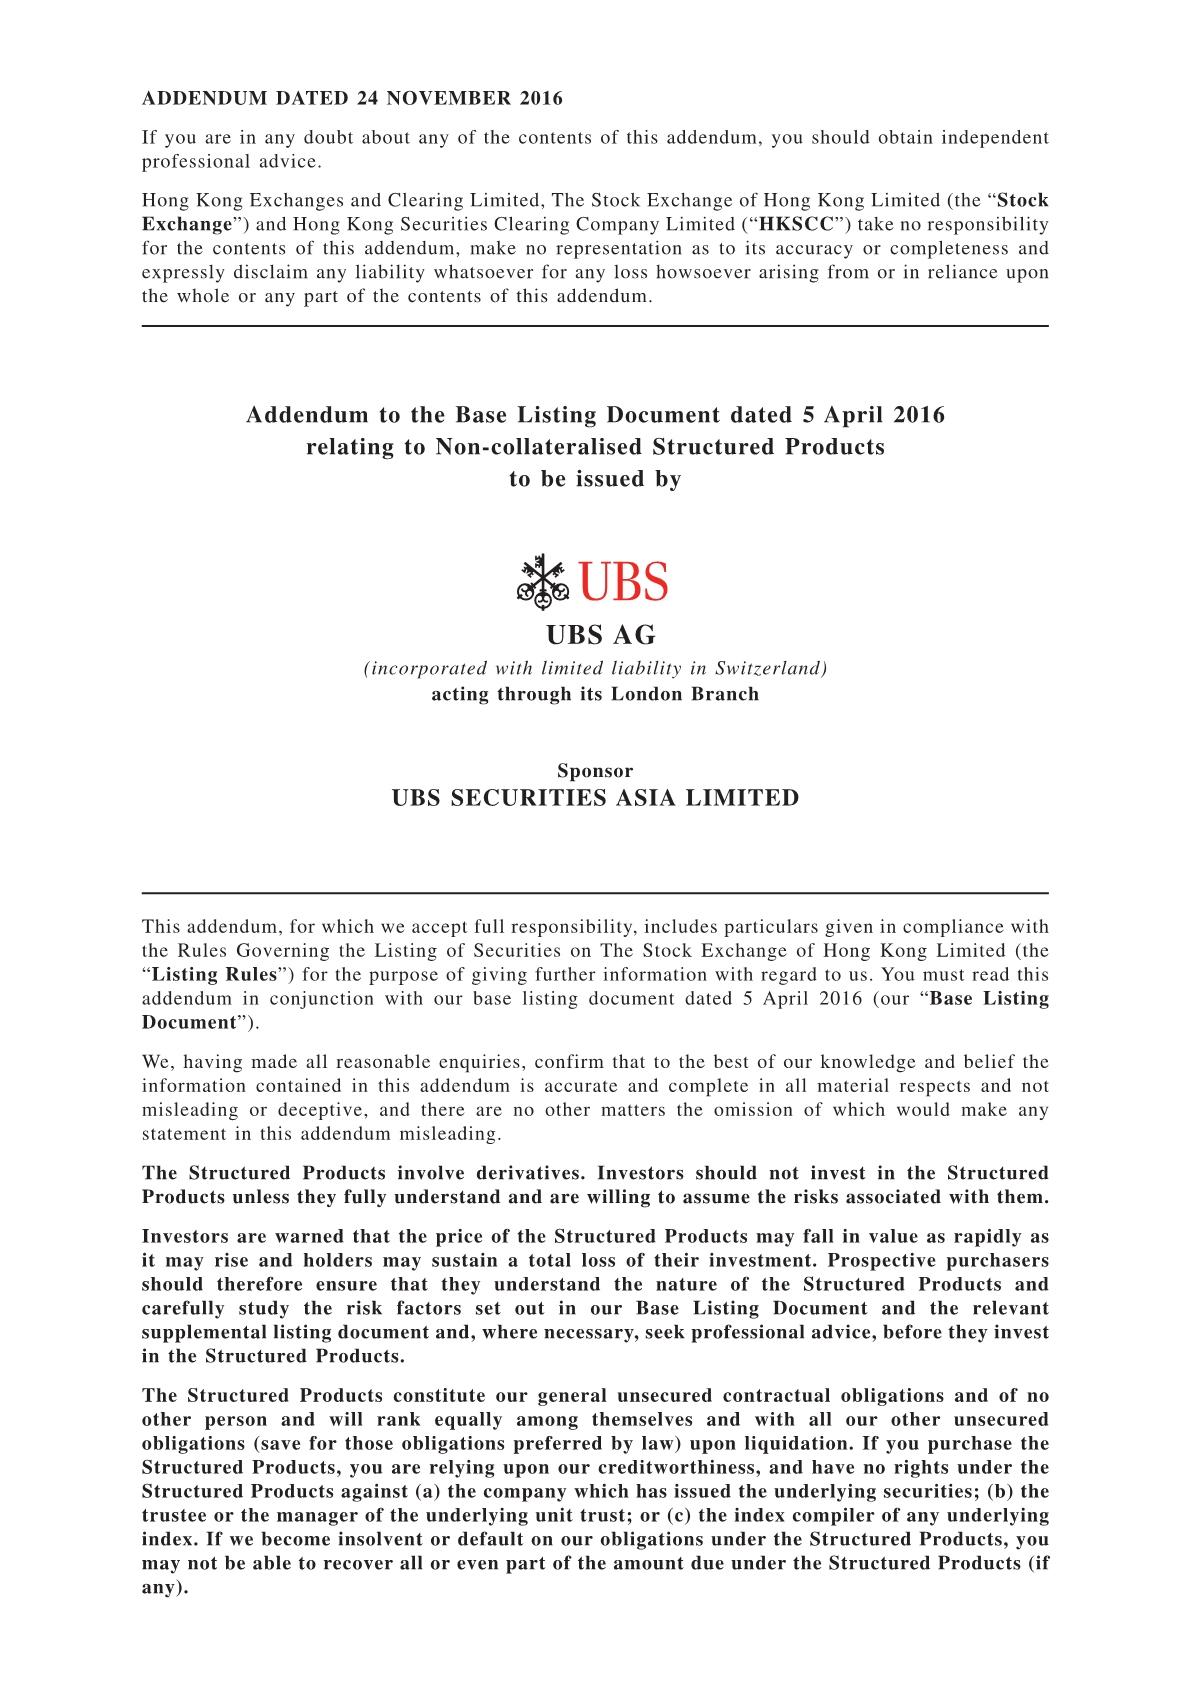 瑞士银行 – 基础上市文件增编